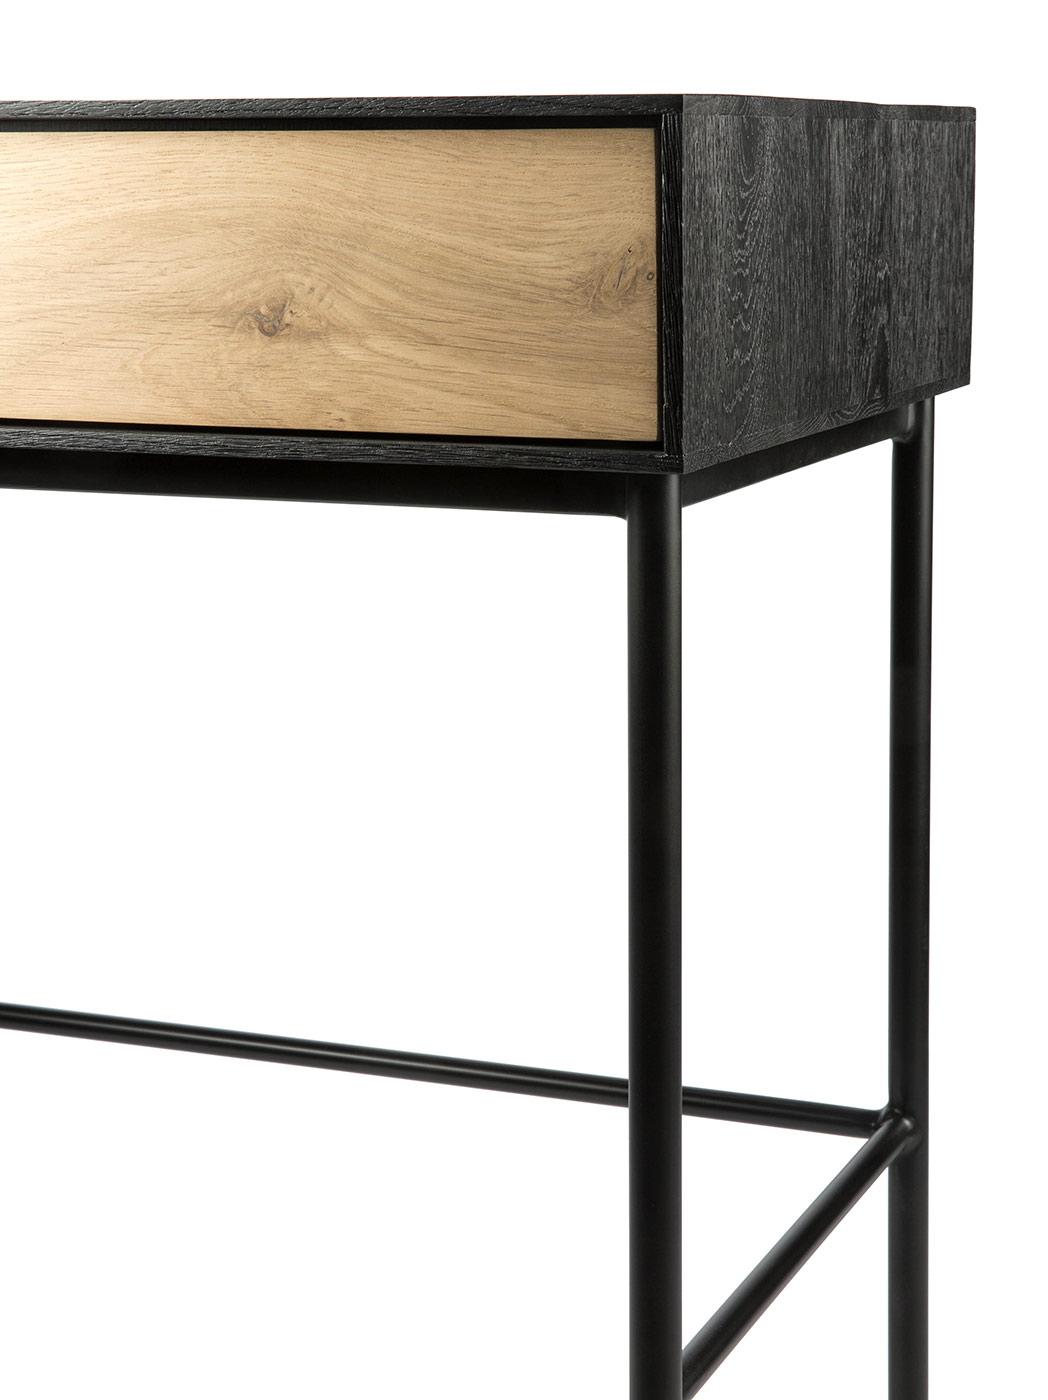 Ethnicraft-Blackbird-desk